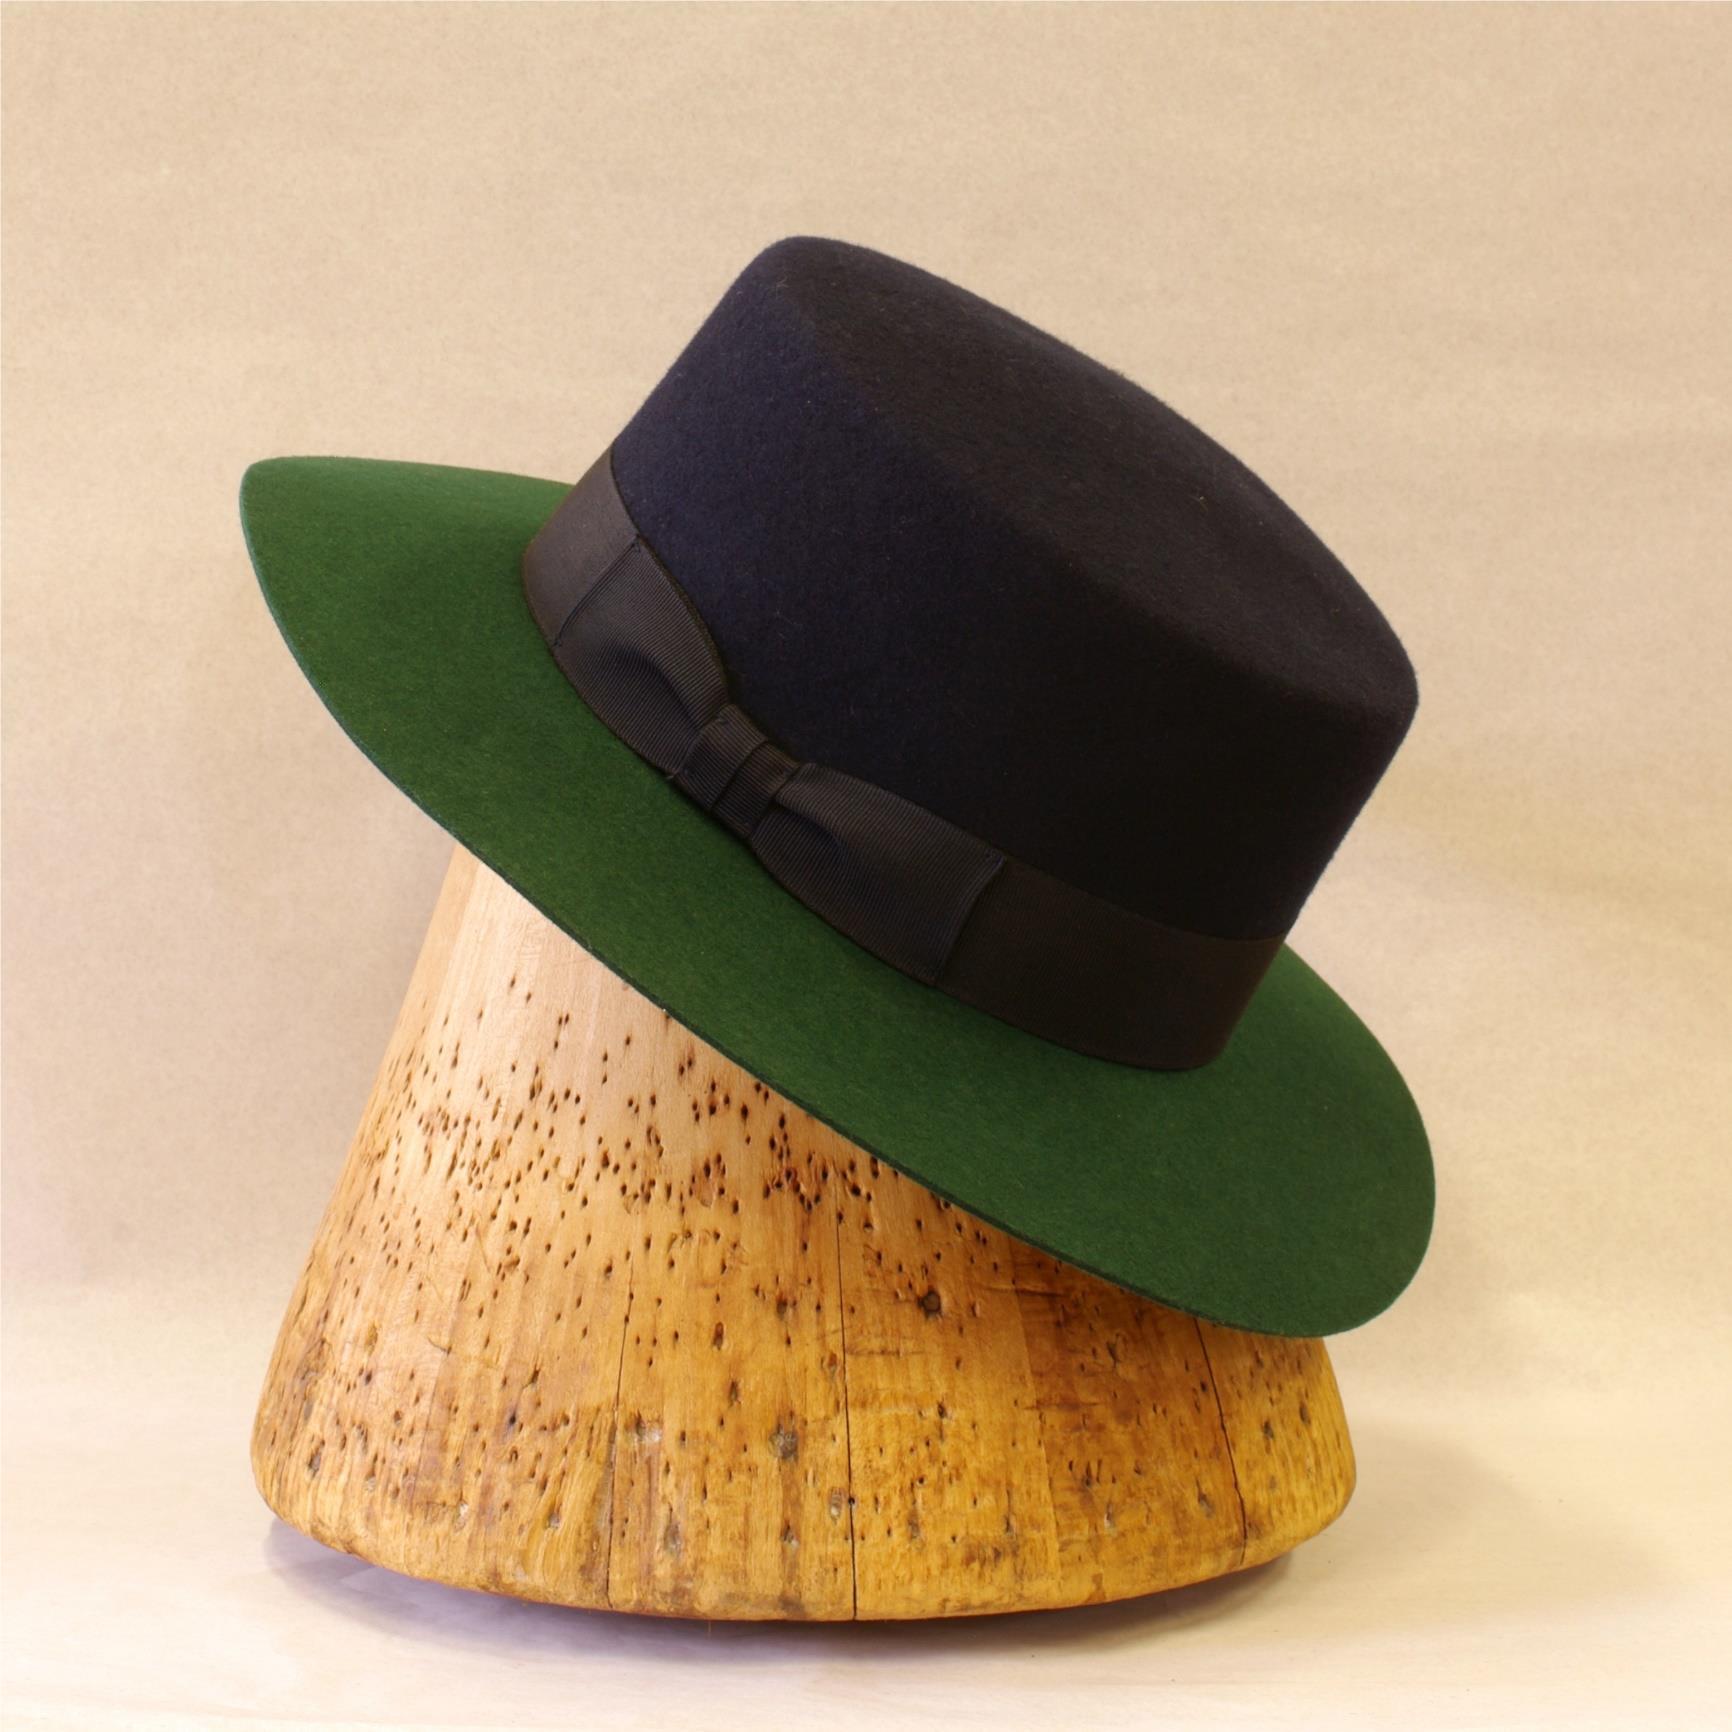 [Lundis & dimanches] Visite guidée gratuite de l'usine de chapeaux Montcapel (10 h 30-12 h)- Montazels (11)